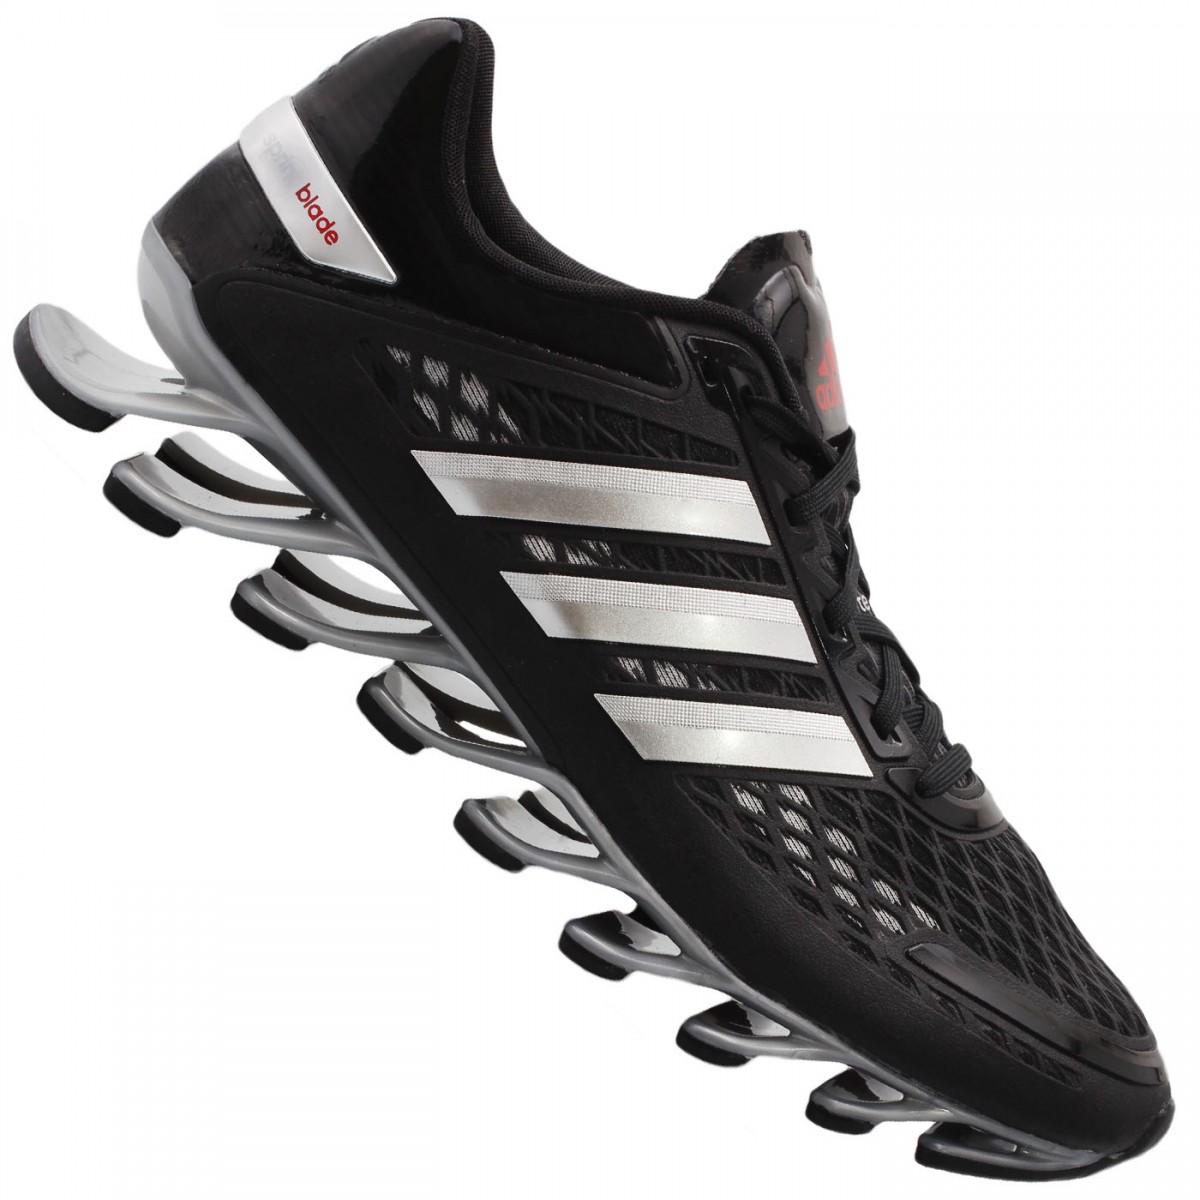 4efd4fe5c92 5e44a 9ff80  new style tênis adidas springblade 1.1 razor m 69c6b 69853